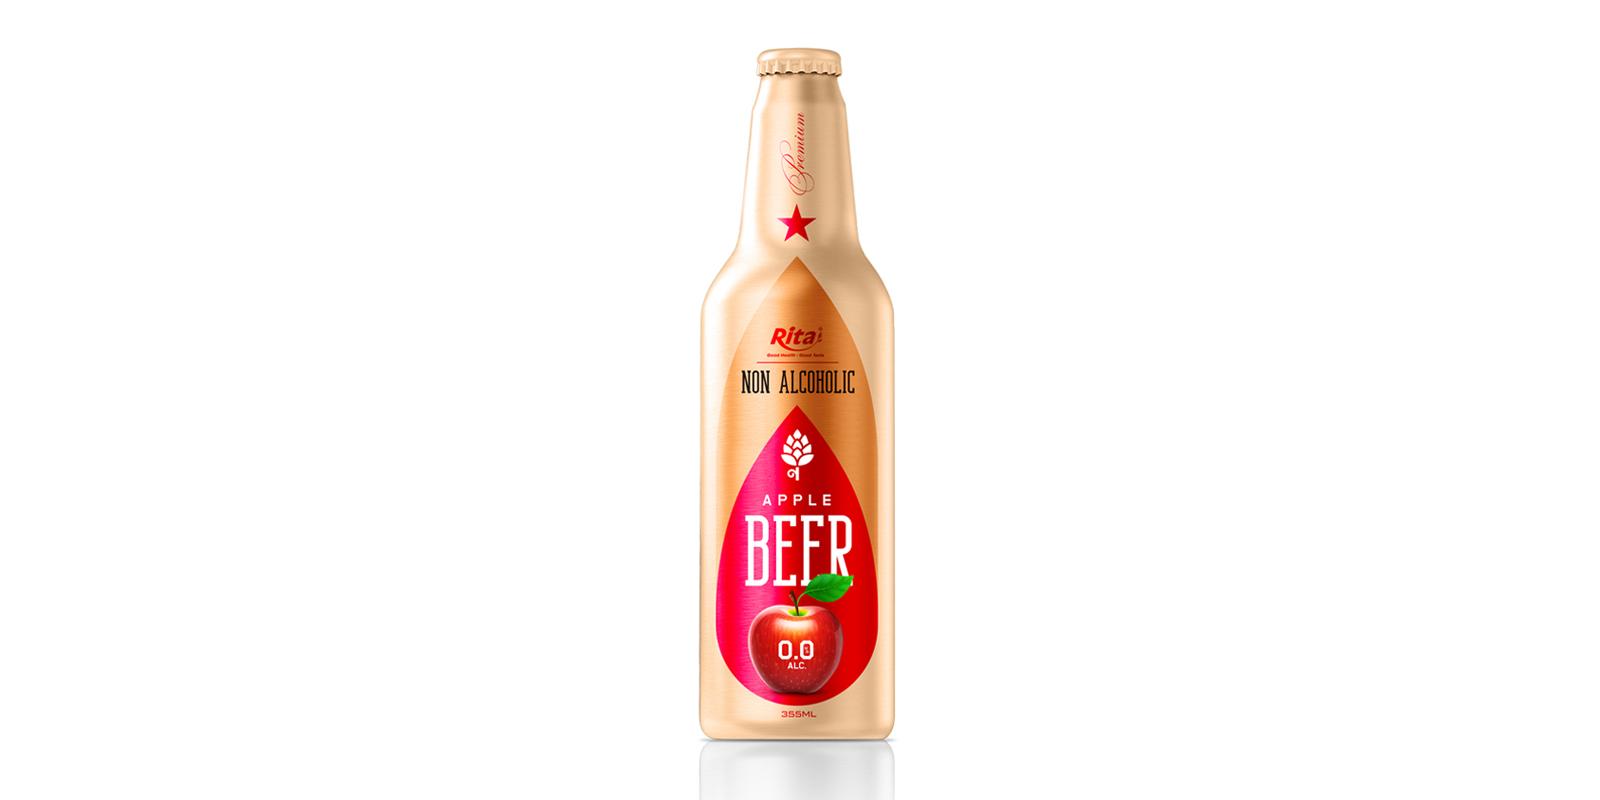 Non Alcoholic Apple Beer  355ml Alu Bottle Rita Brand